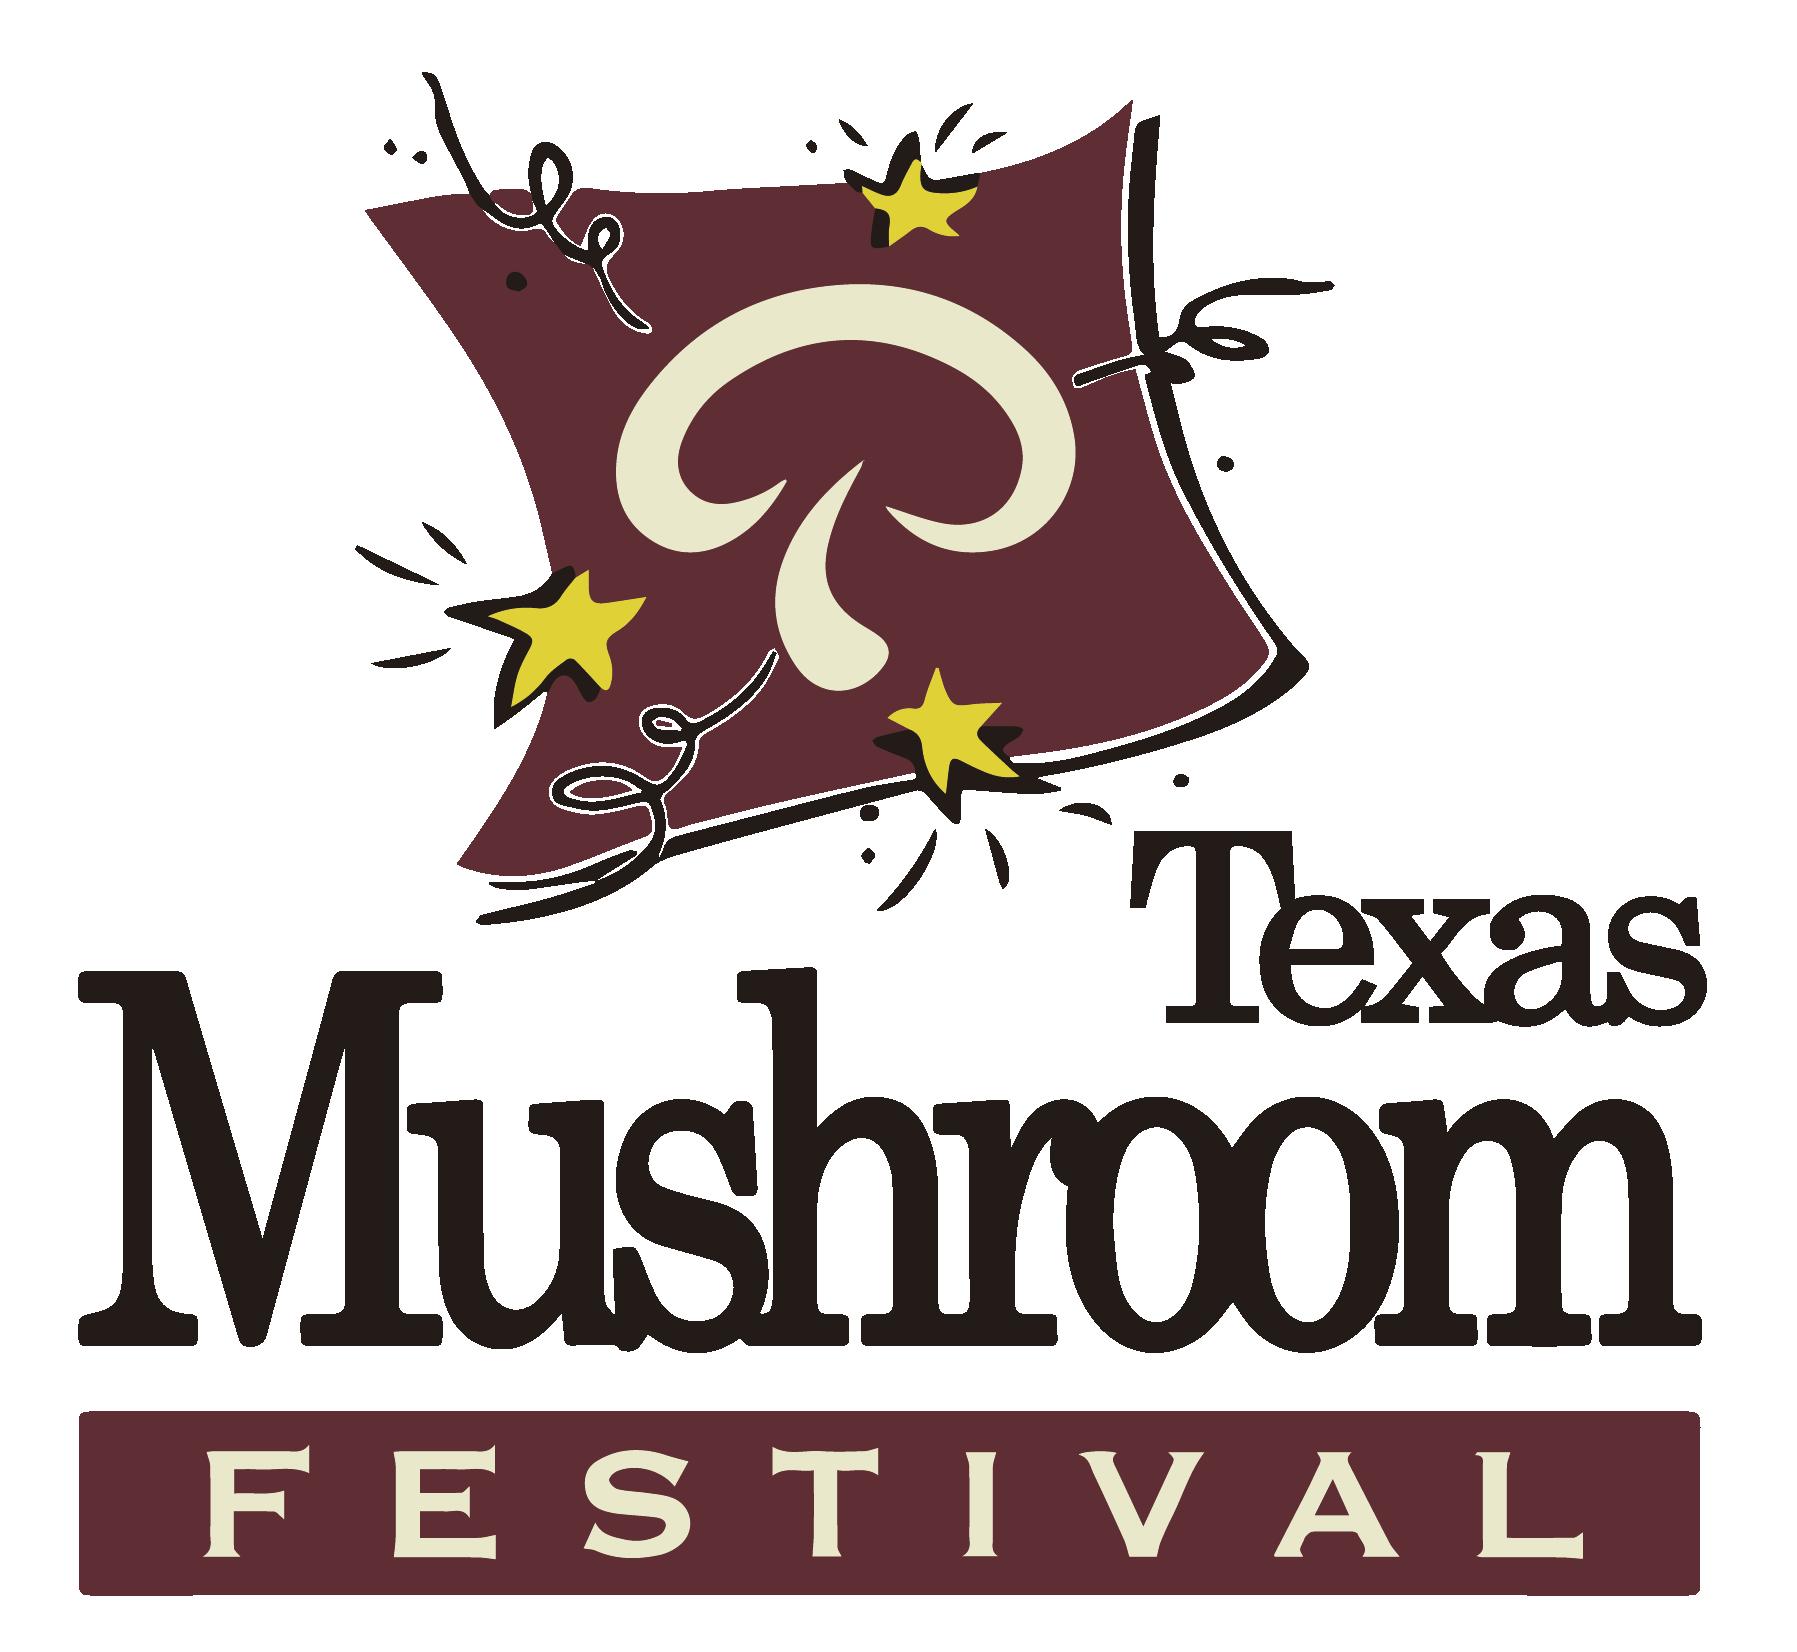 website design for the Texas Mushroom Festival